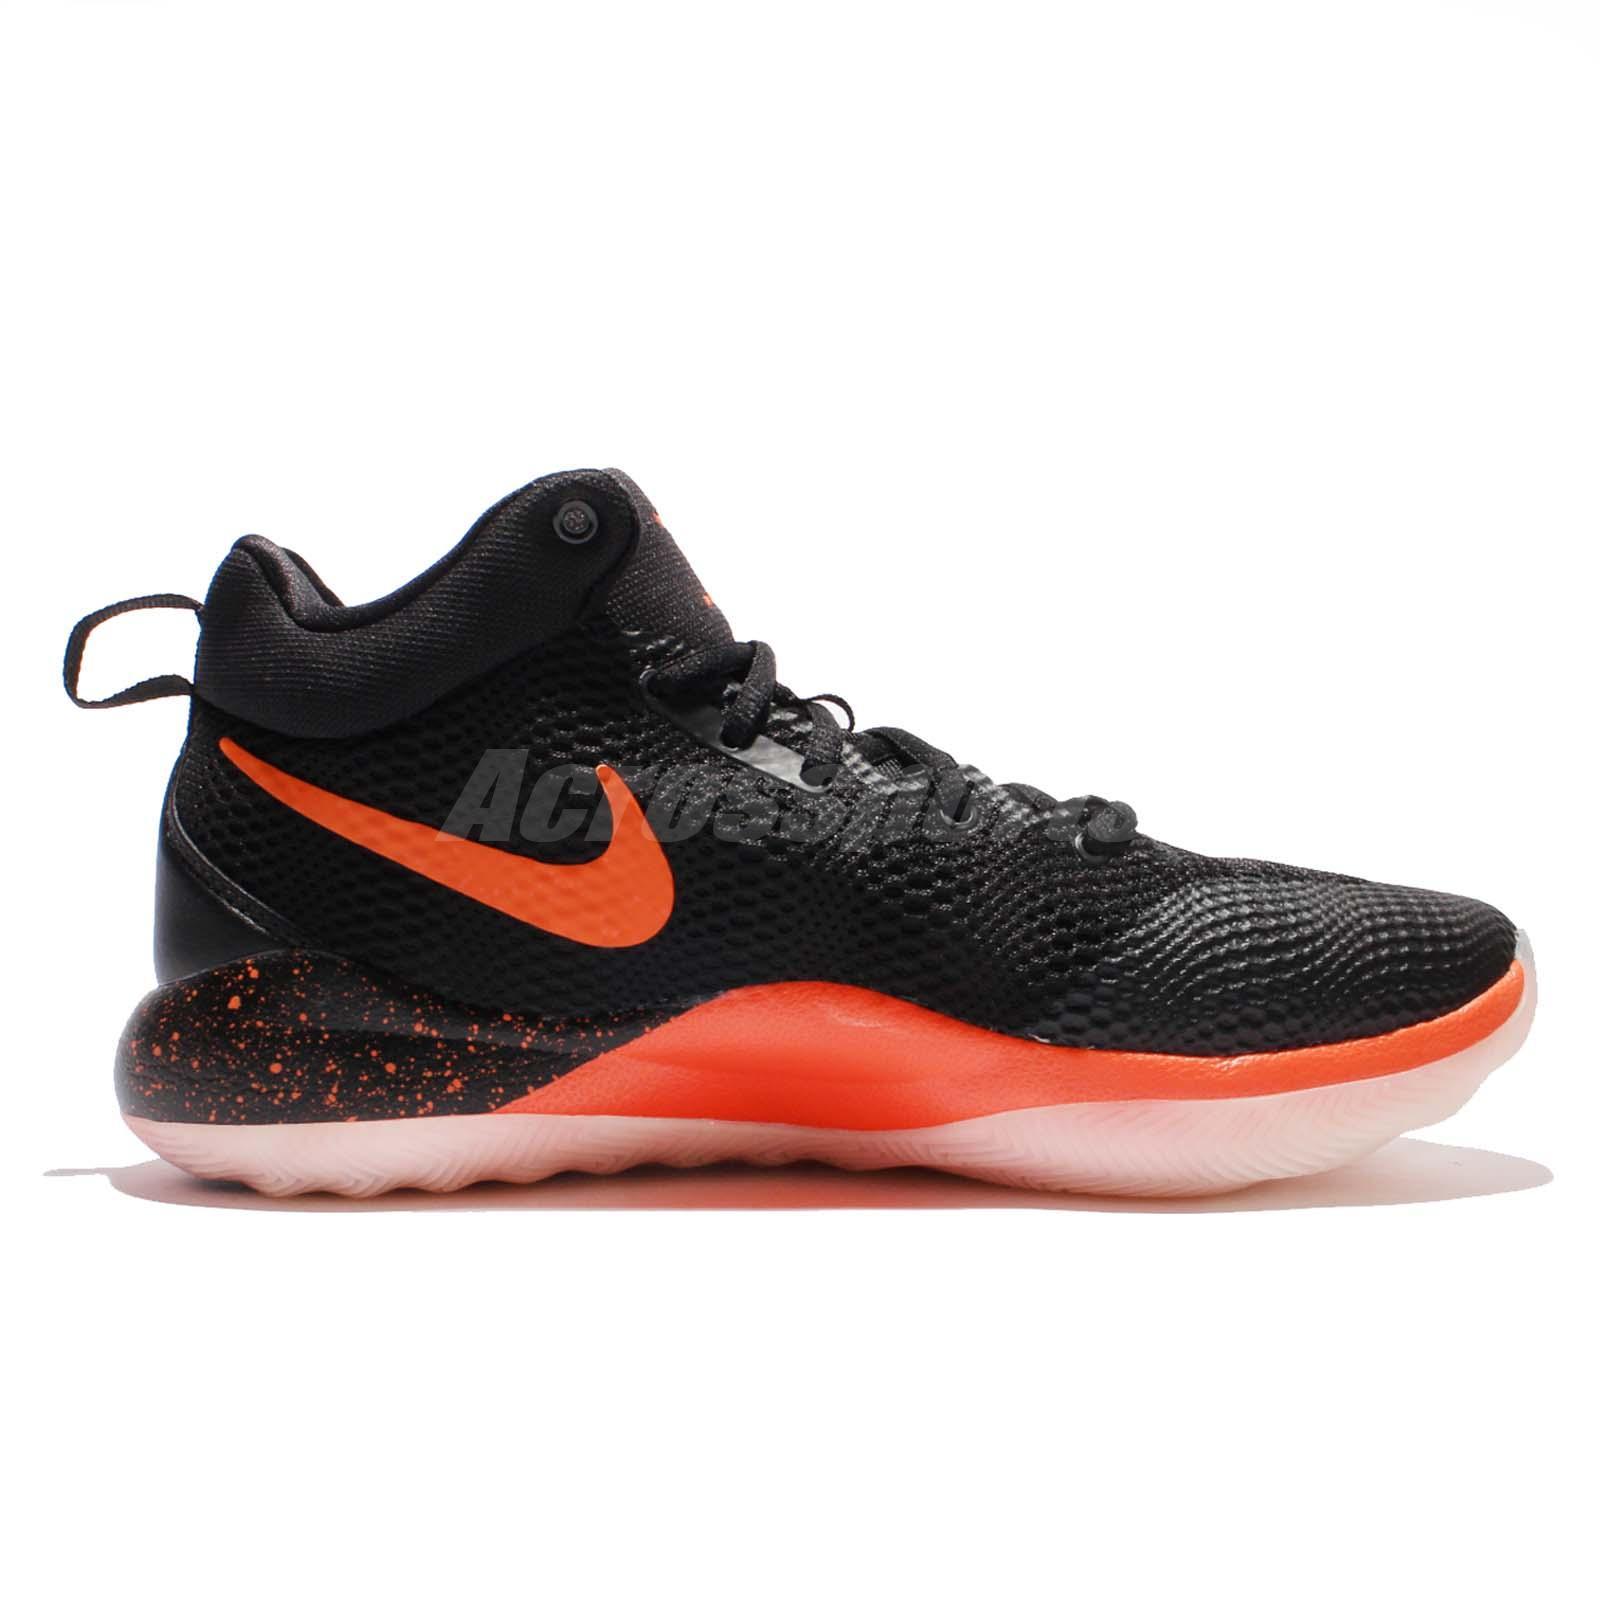 Nike Zoom Basketball Shoes Amazon